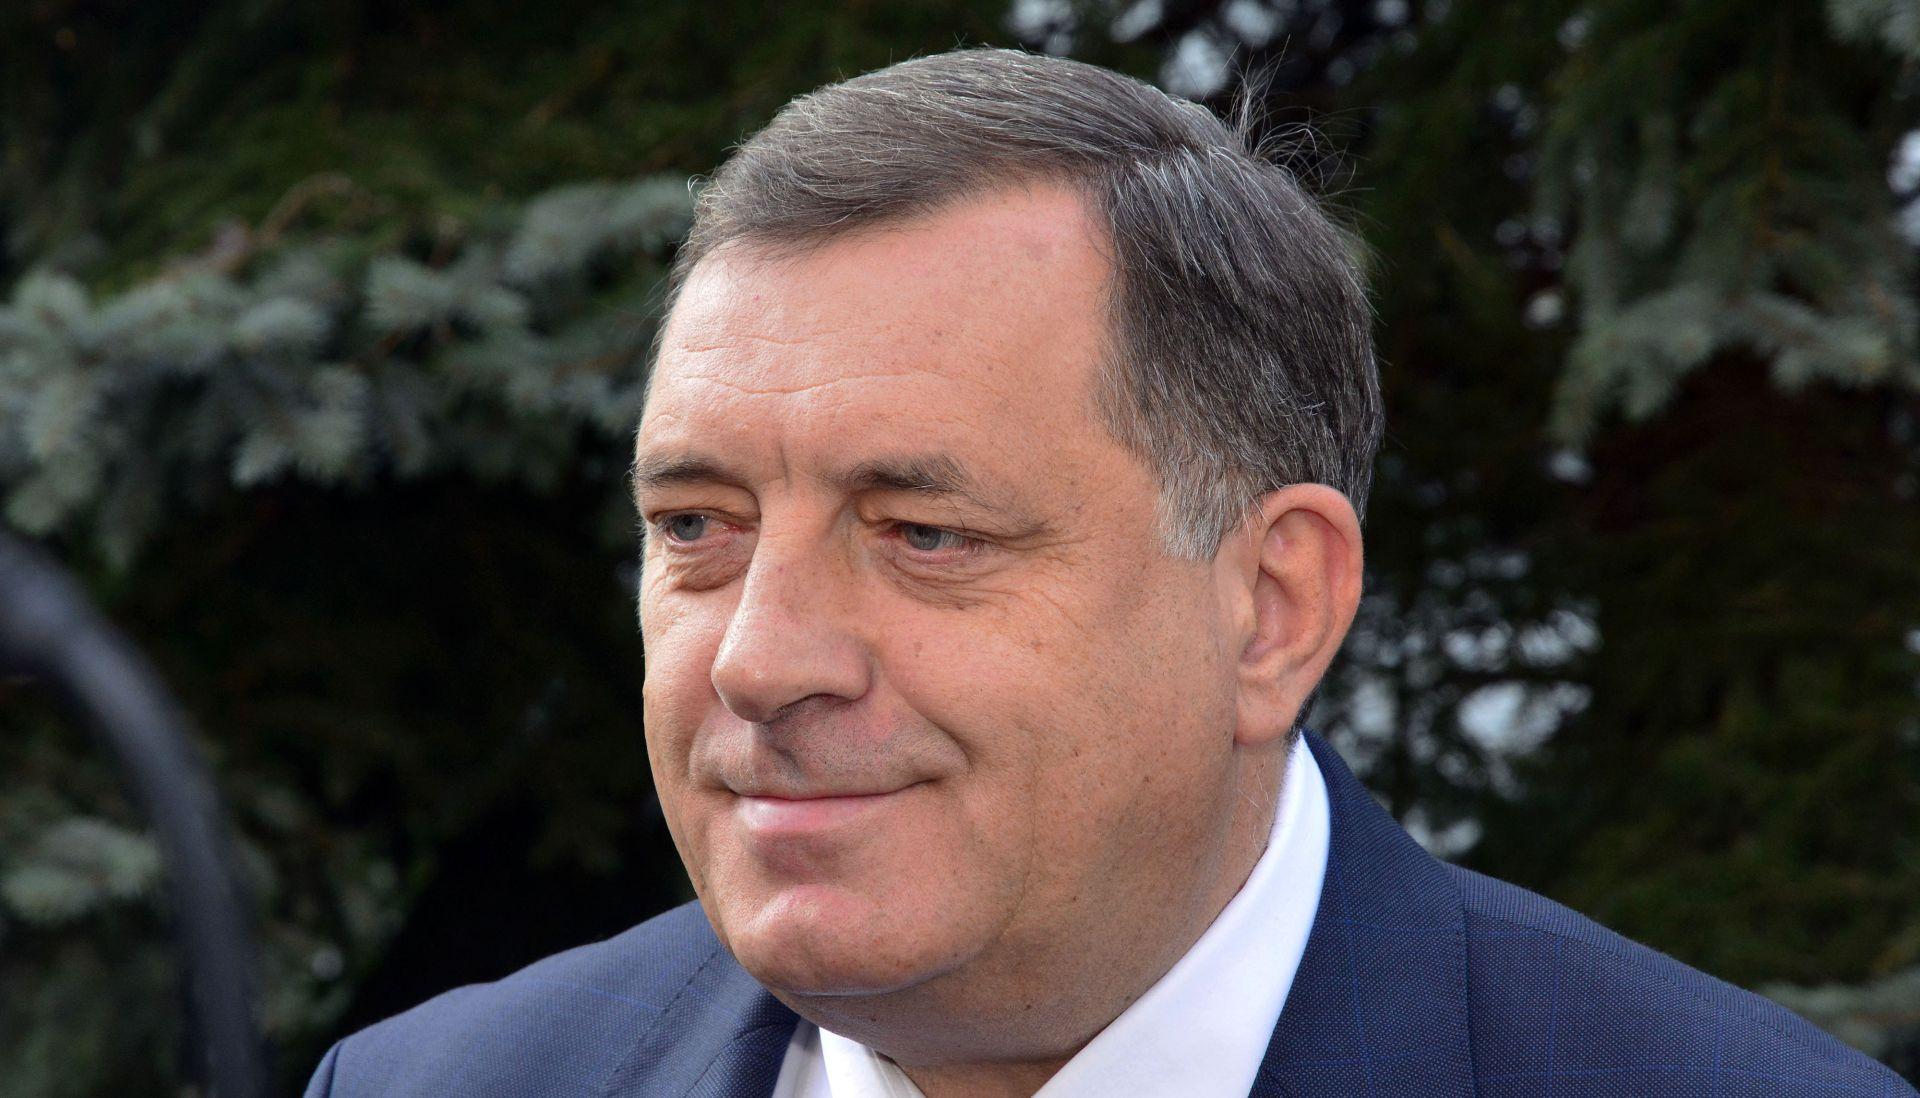 MINISTARSTVO VANJSKIH POSLOVA BIH 'Dodik se ponaša primitivno'